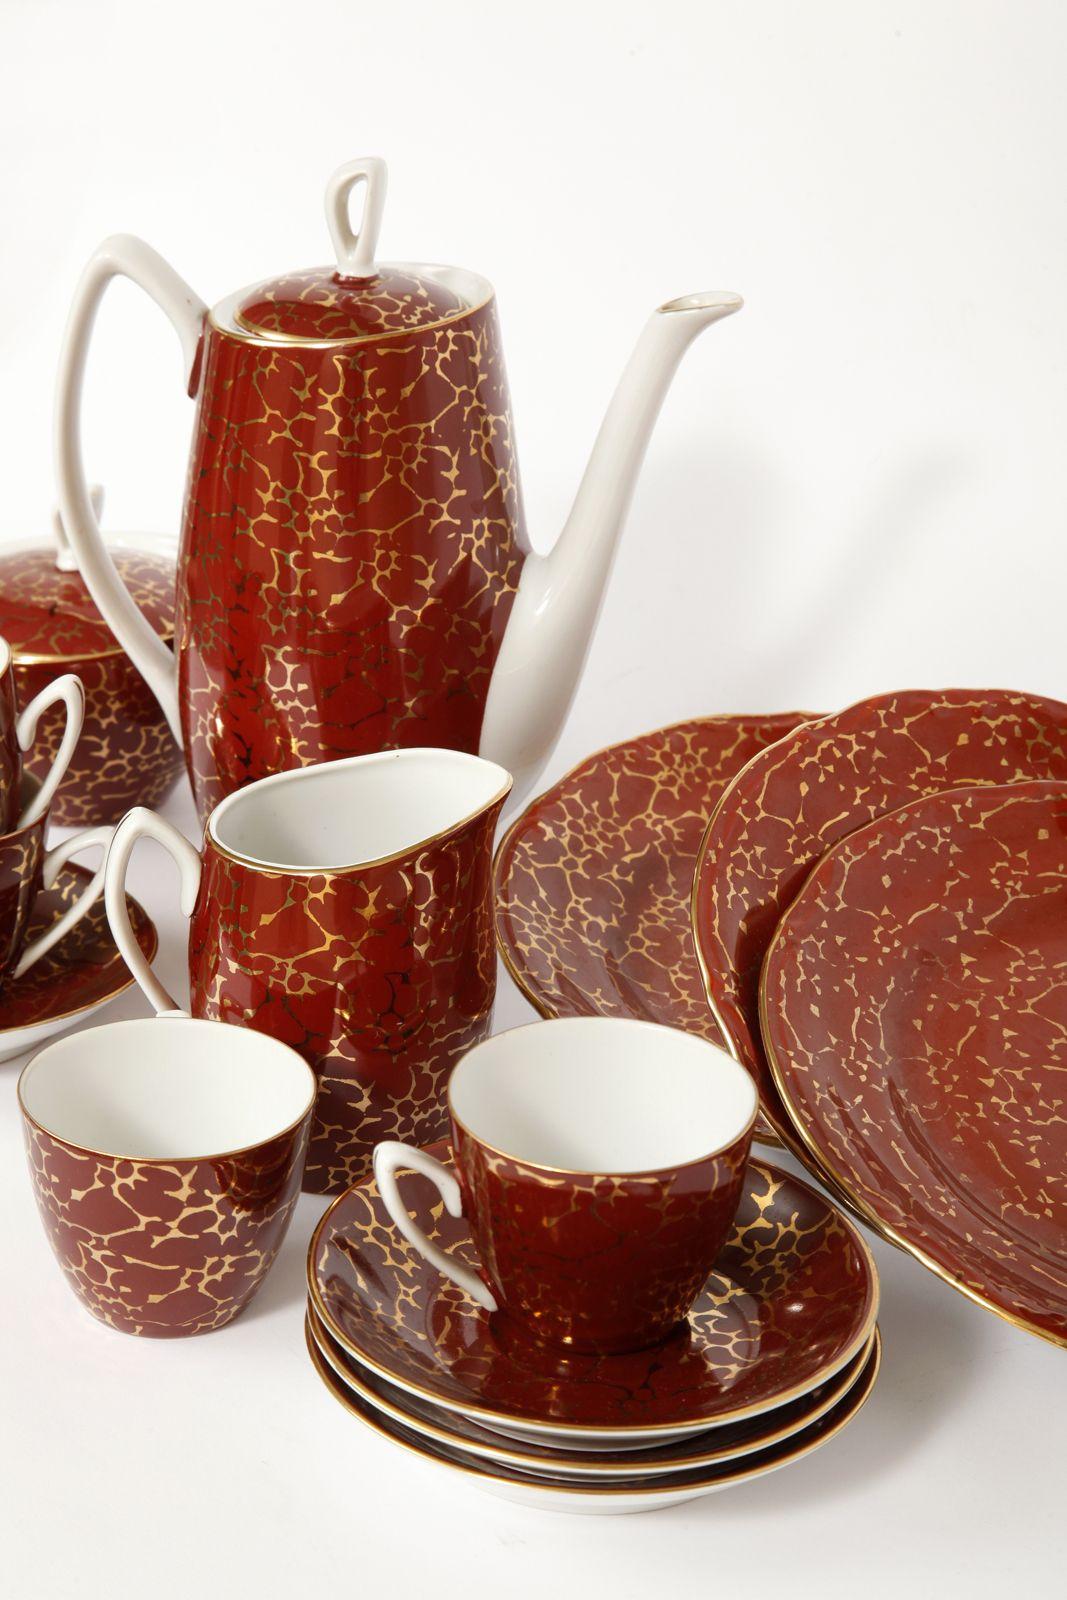 Porcelanowy Serwis Do Kawy I Deseru Aldona Chodzież Lata 60 In